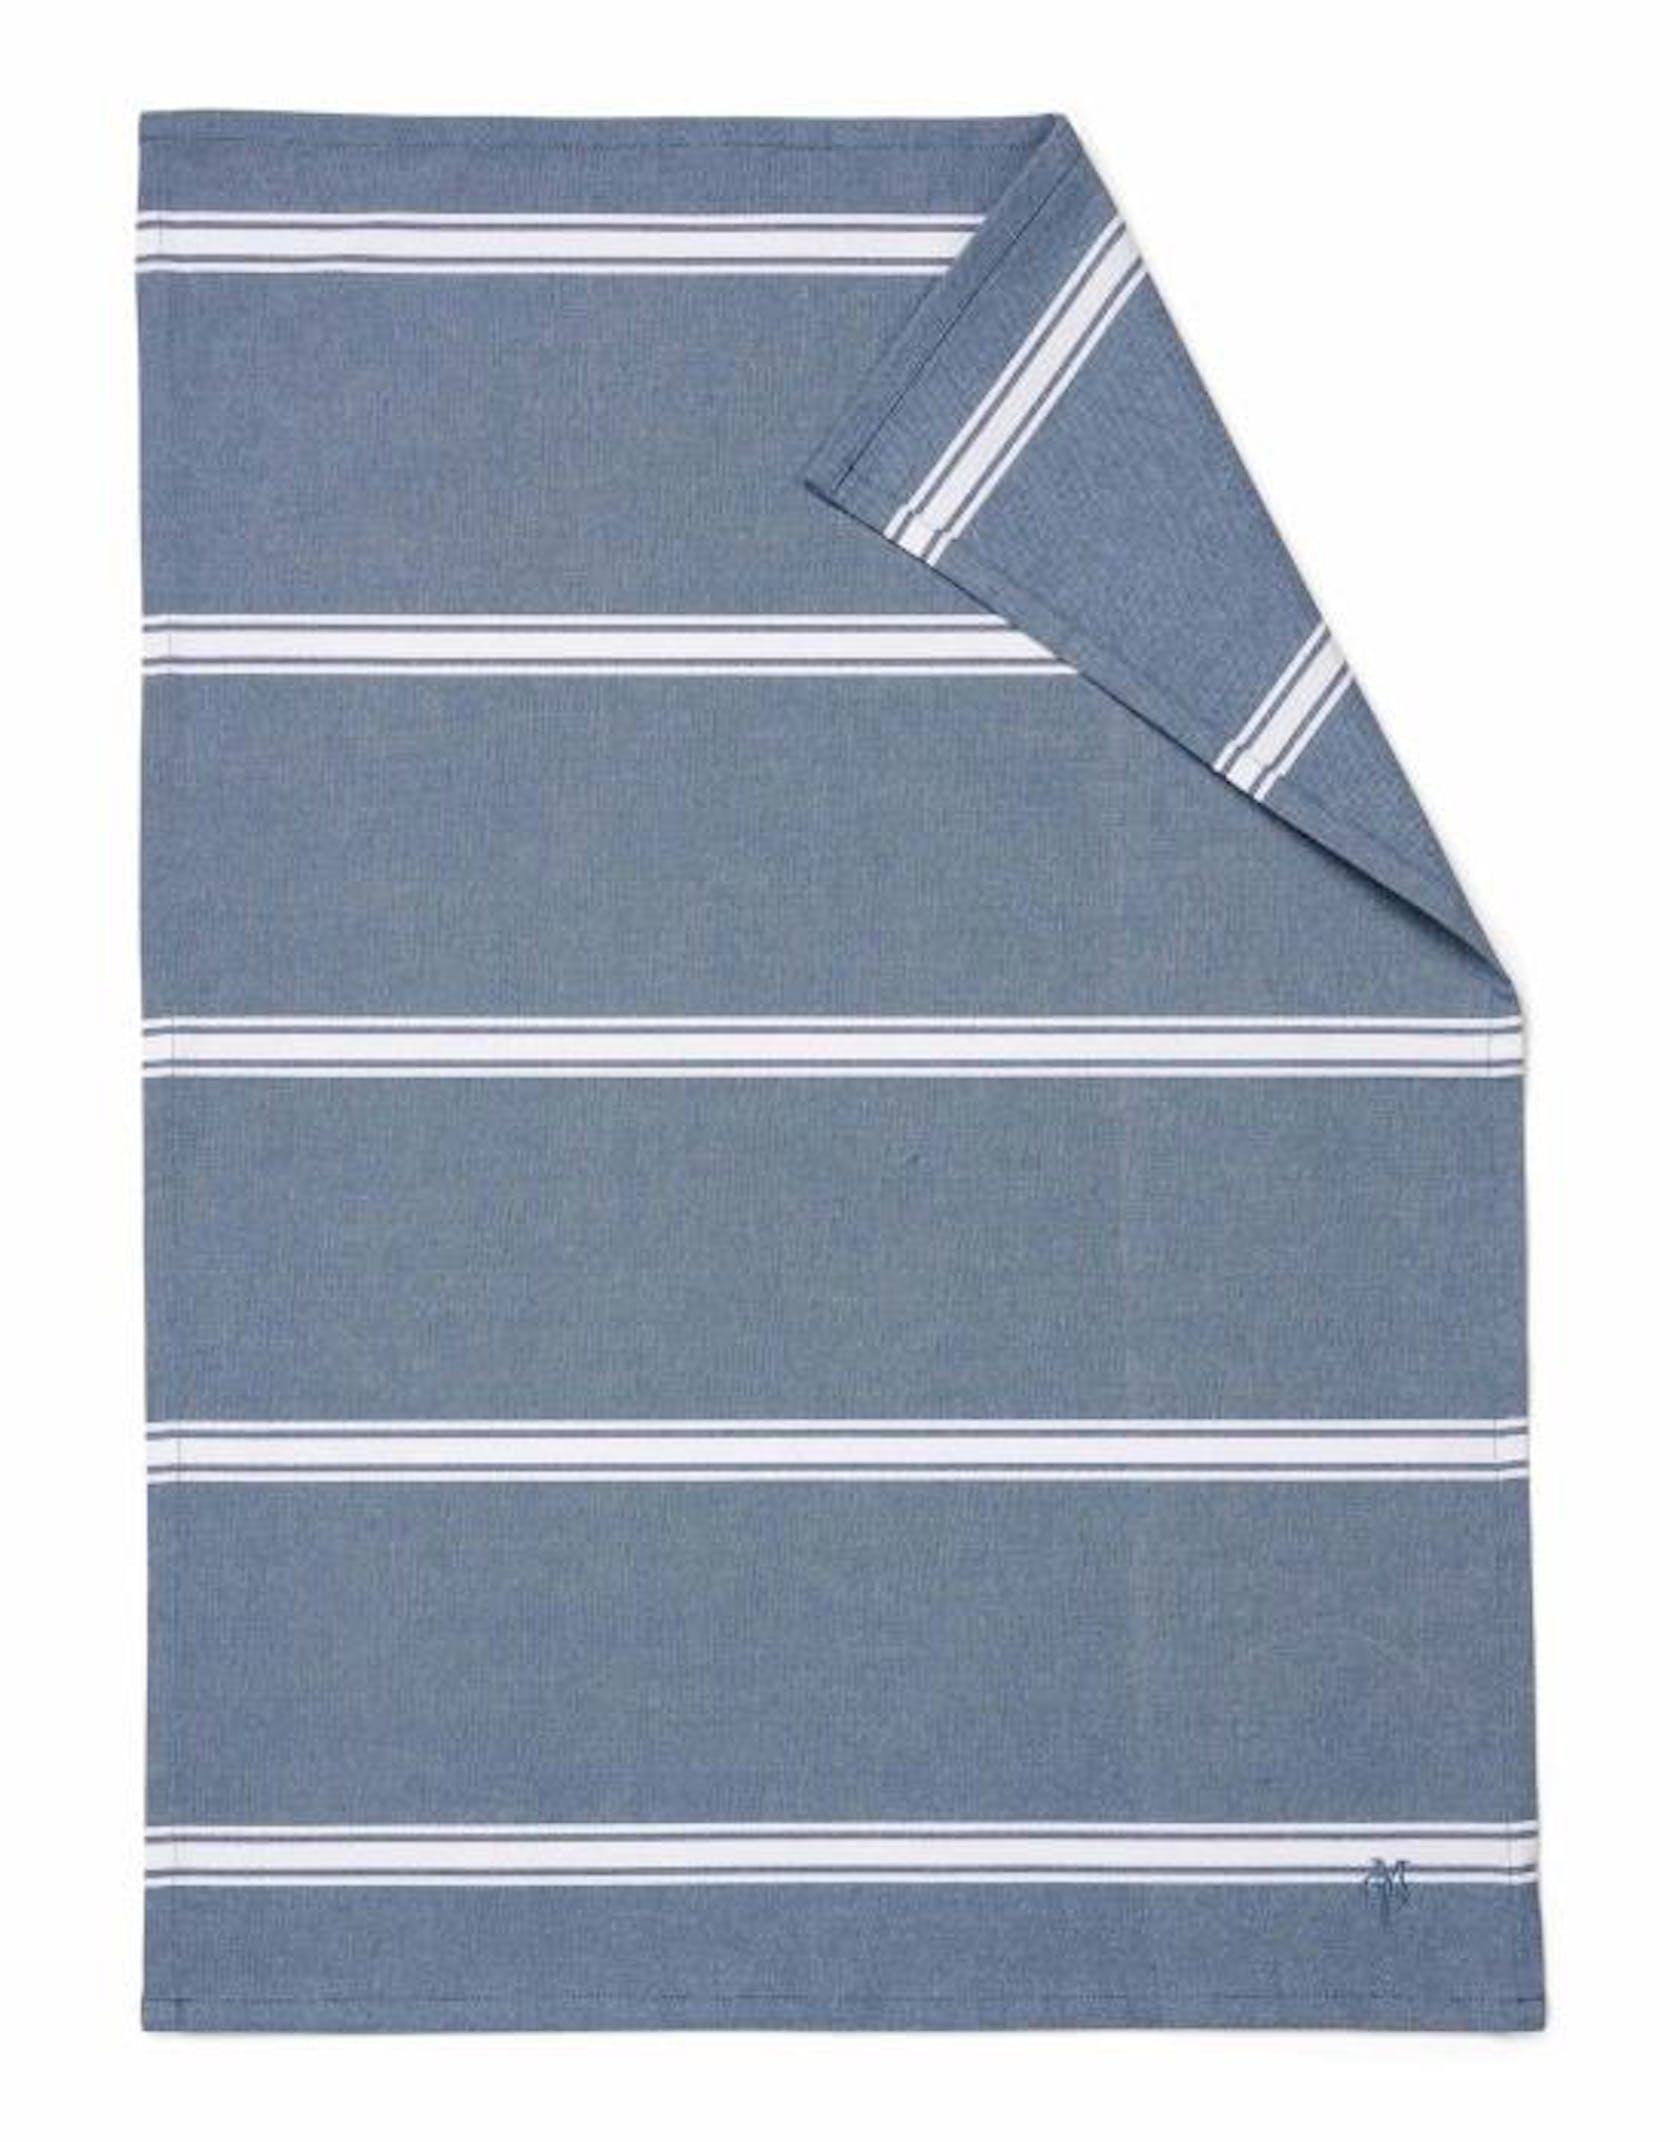 Marc O'Polo Lovon Tea towel Smoke blue